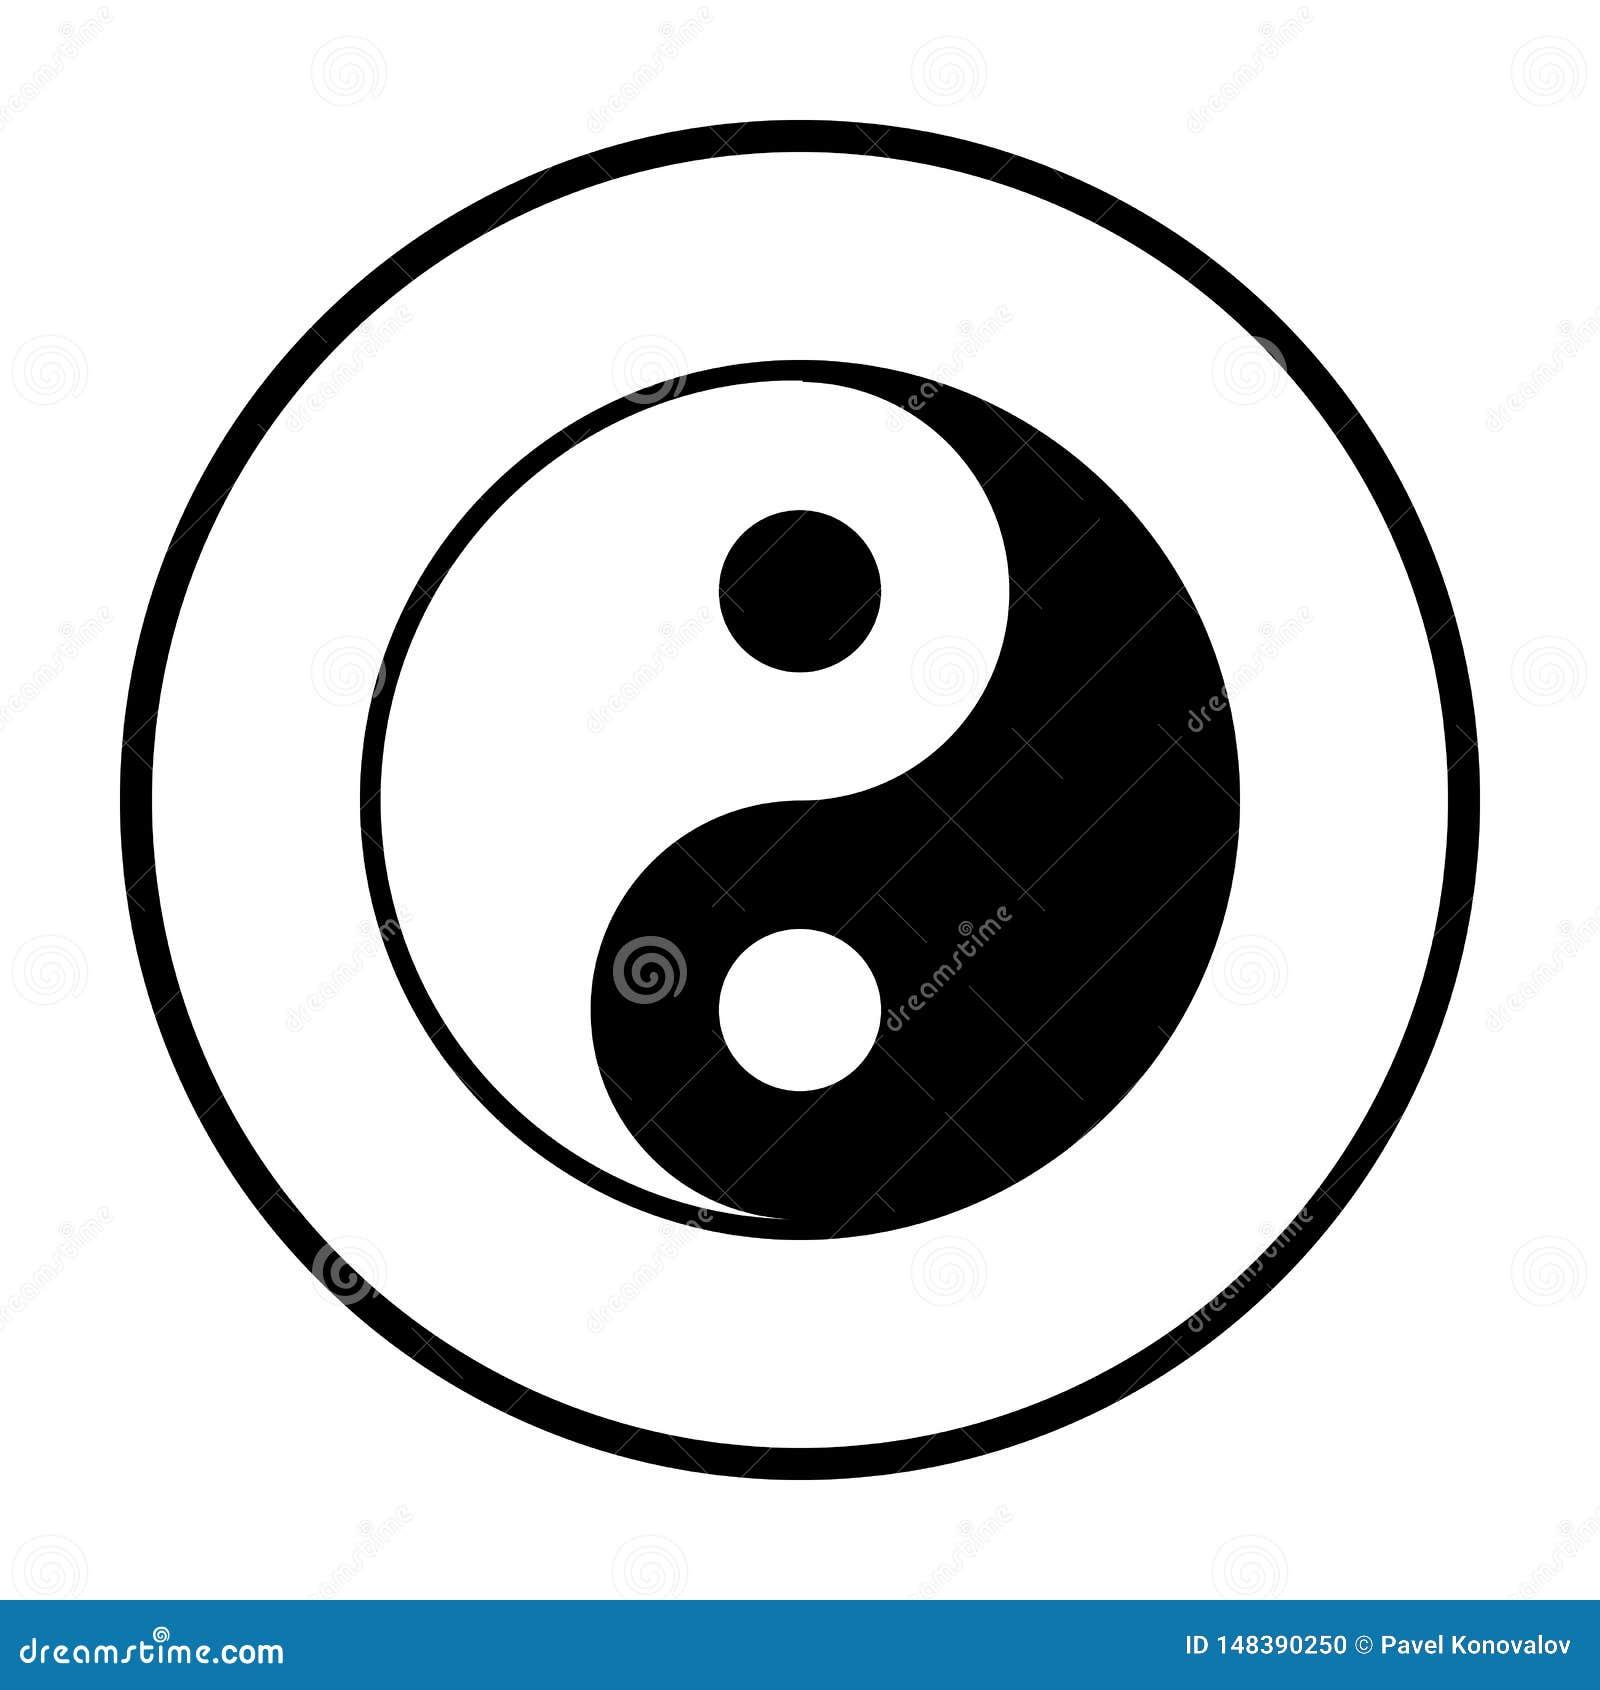 Yin And Yang Icon